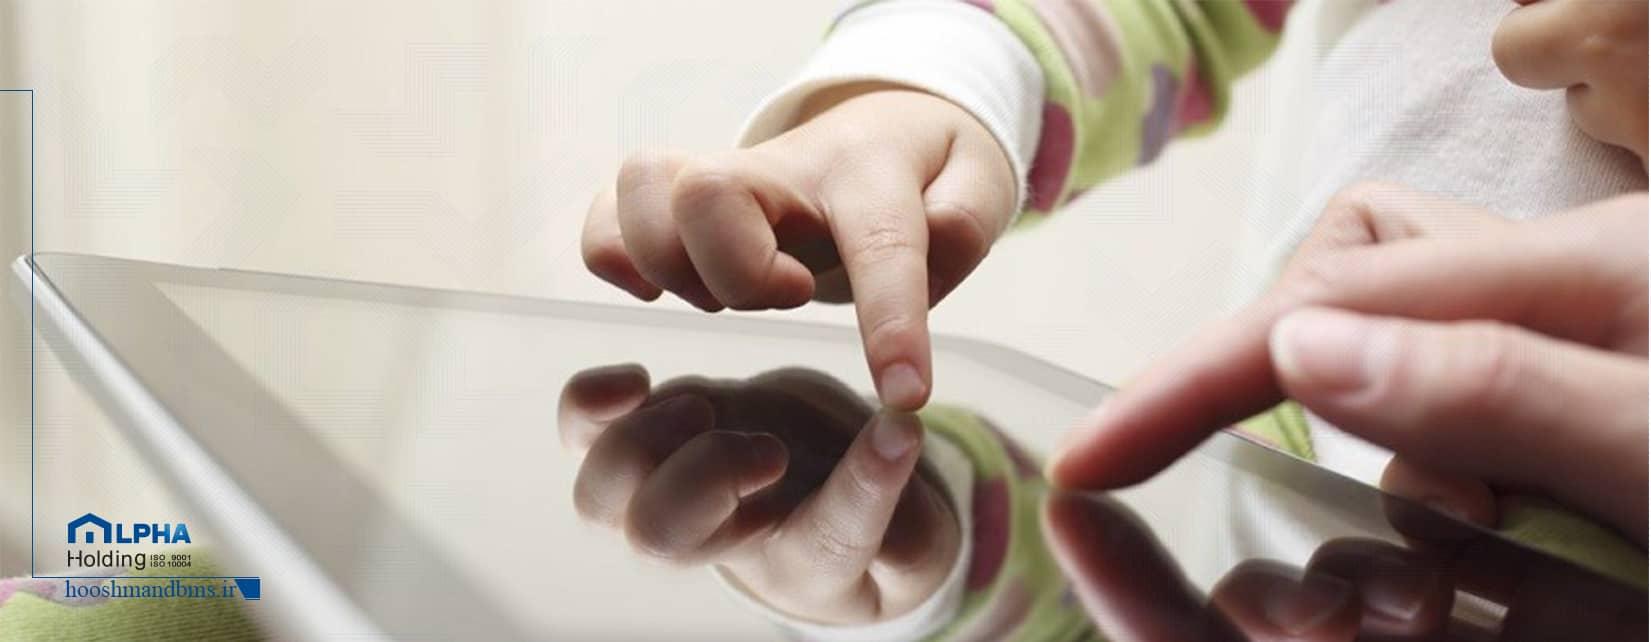 آیا انواع صفحات لمسی را می شناسید؟